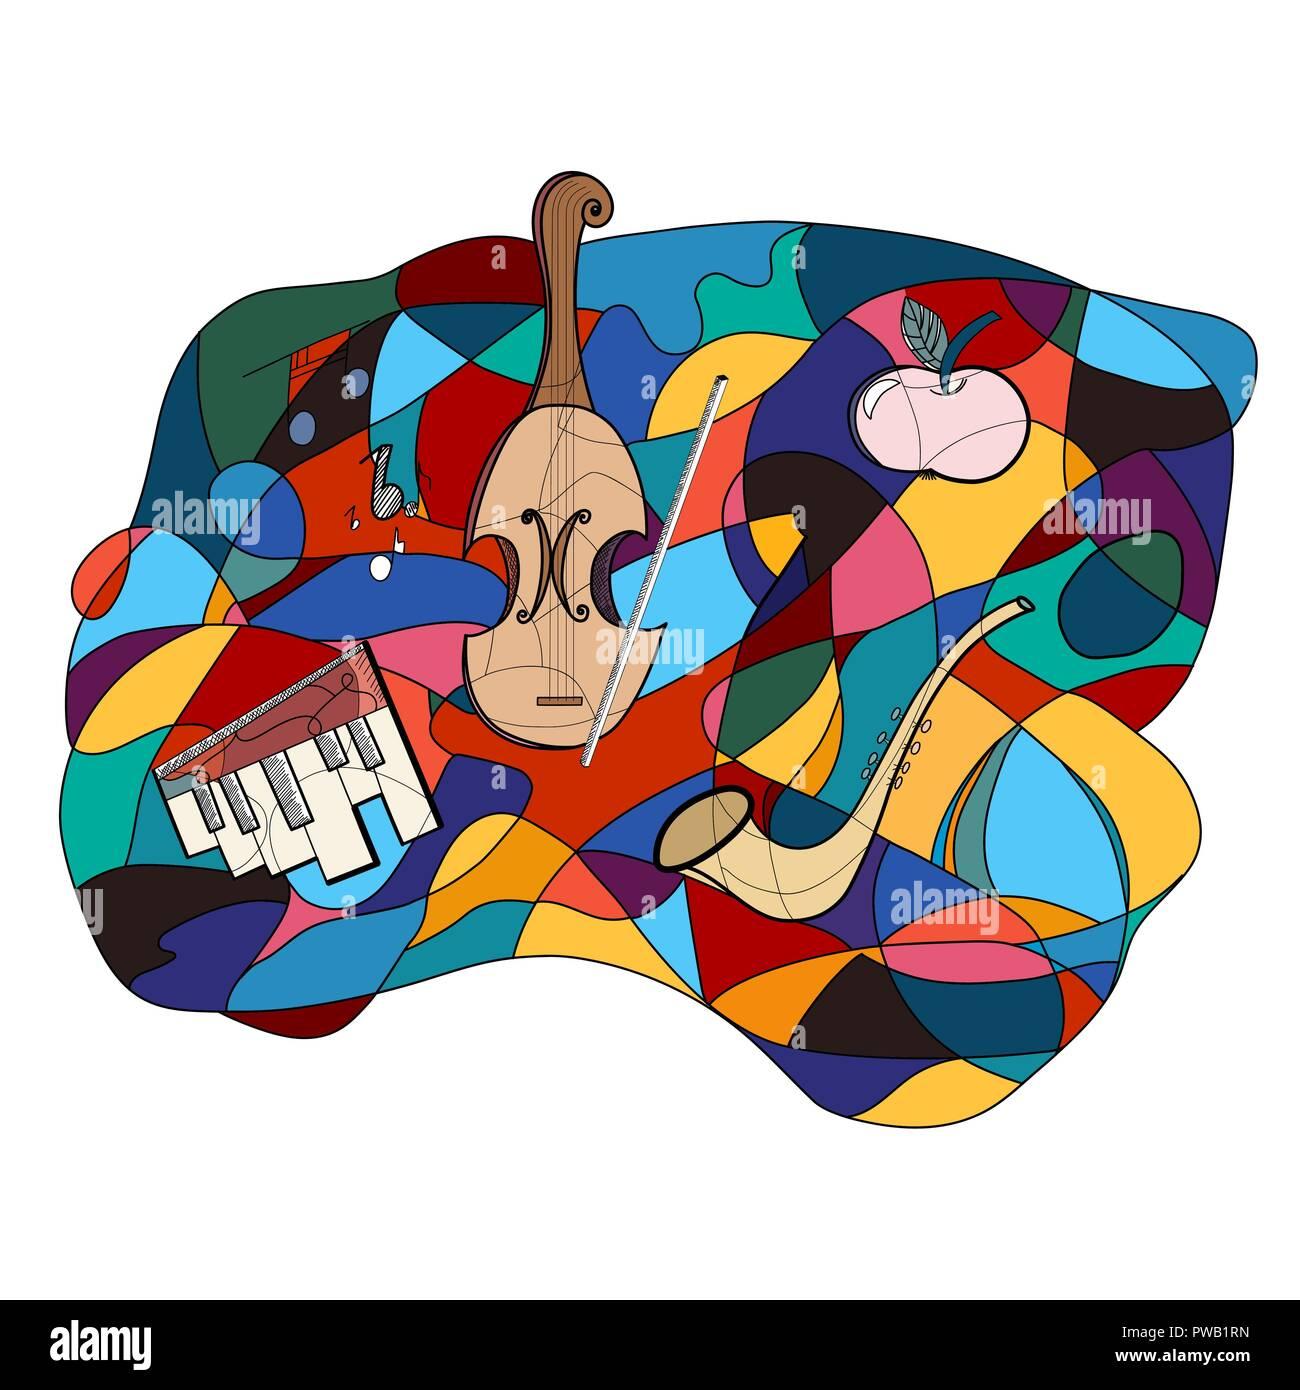 Strumenti musicali colorate vettore astratta. Disegnata a mano scarabocchi e strumenti musicali. Immagini Stock